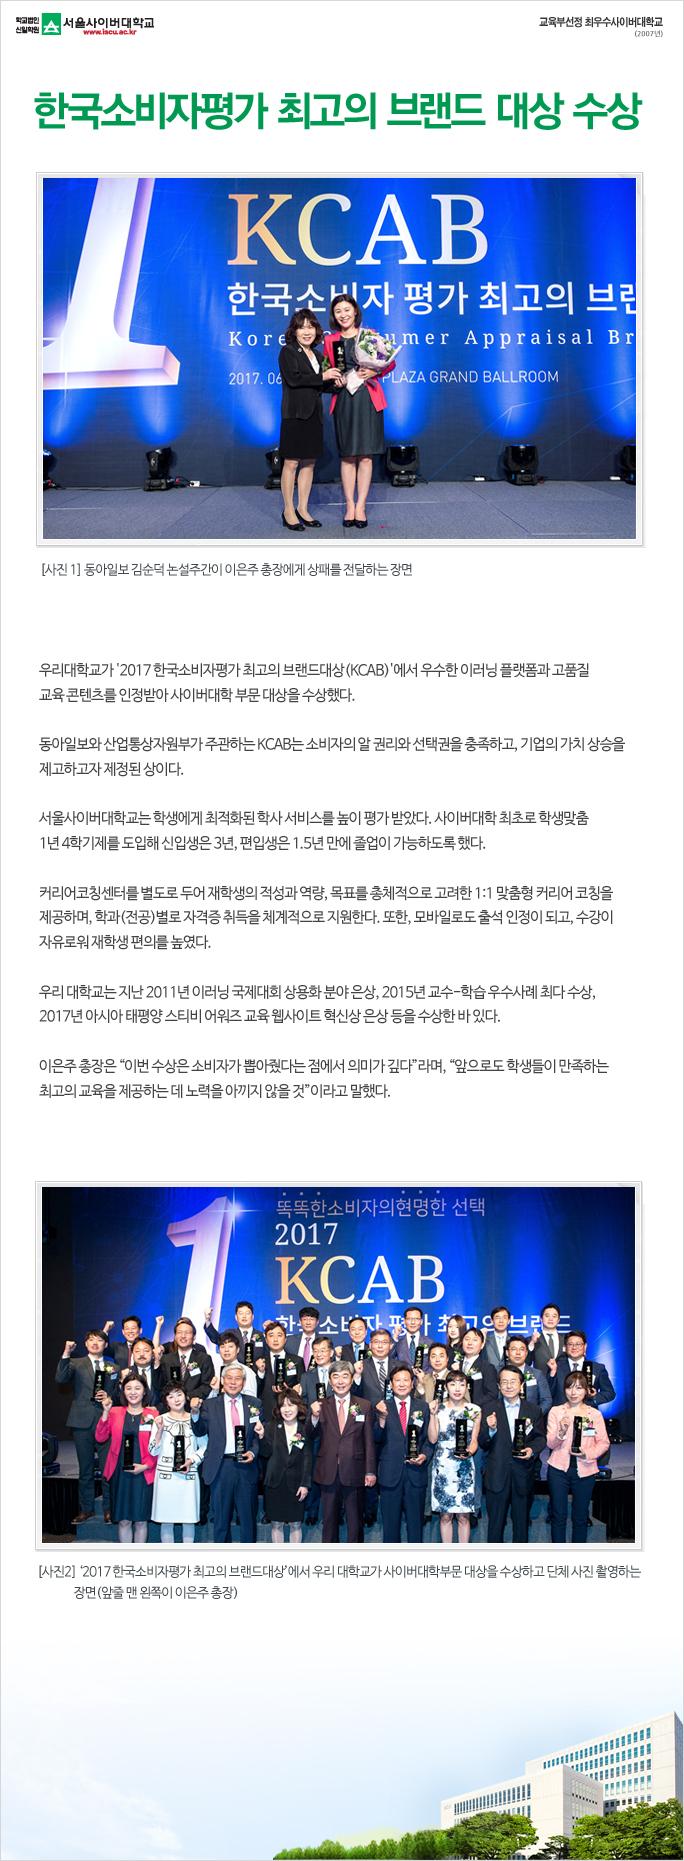 한국소비자평가 최고의 브랜드대상 수상 아래내용참조